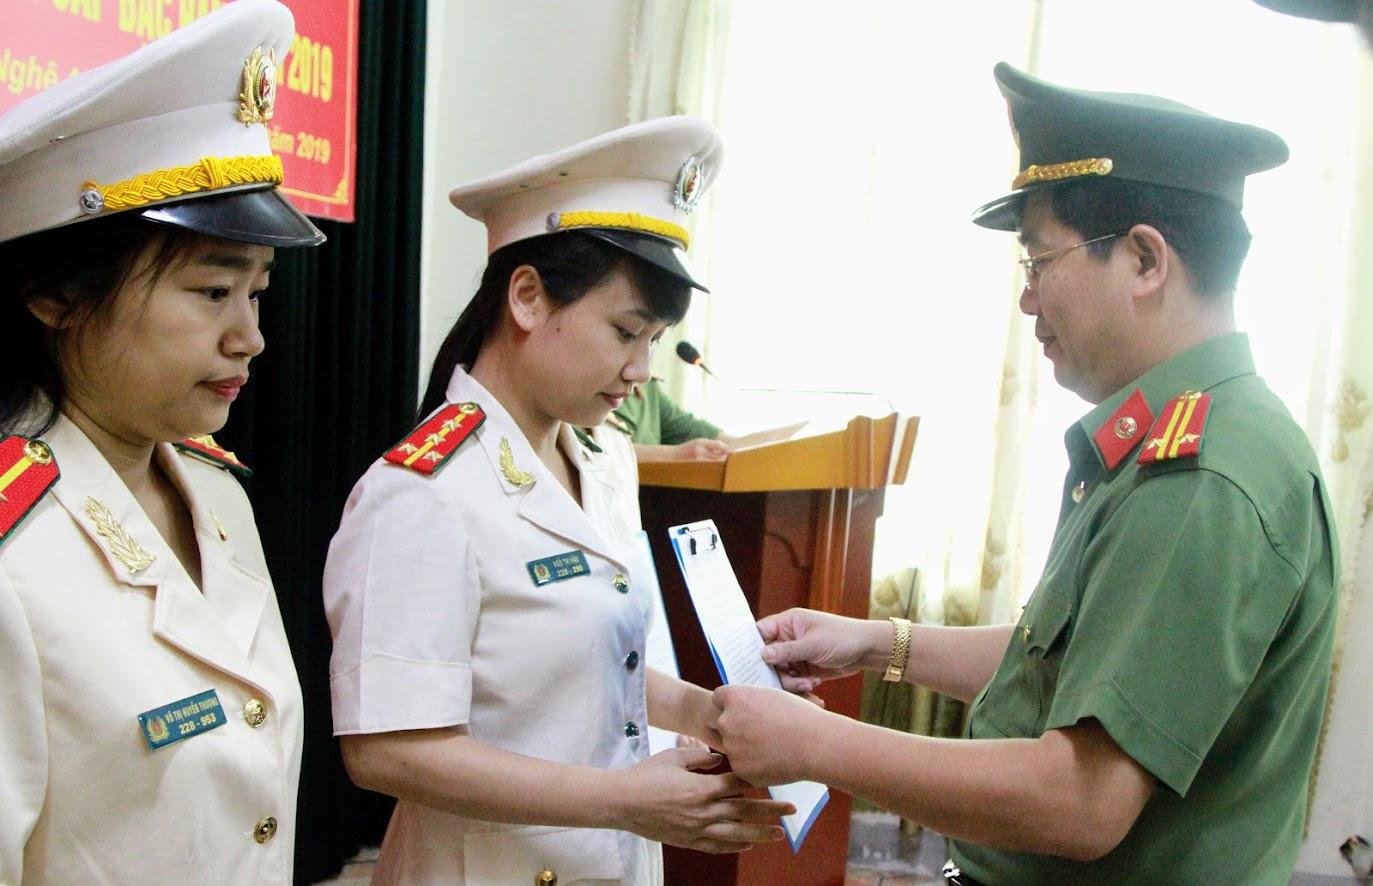 Thừa ủy quyền của đồng chí Giám đốc Công an tỉnh, Trung tá Nguyễn Xuân Thư – Trưởng phòng PX04 trao quyết định thăng cấp bậc hàm cho các đồng chí đến niên hạn.